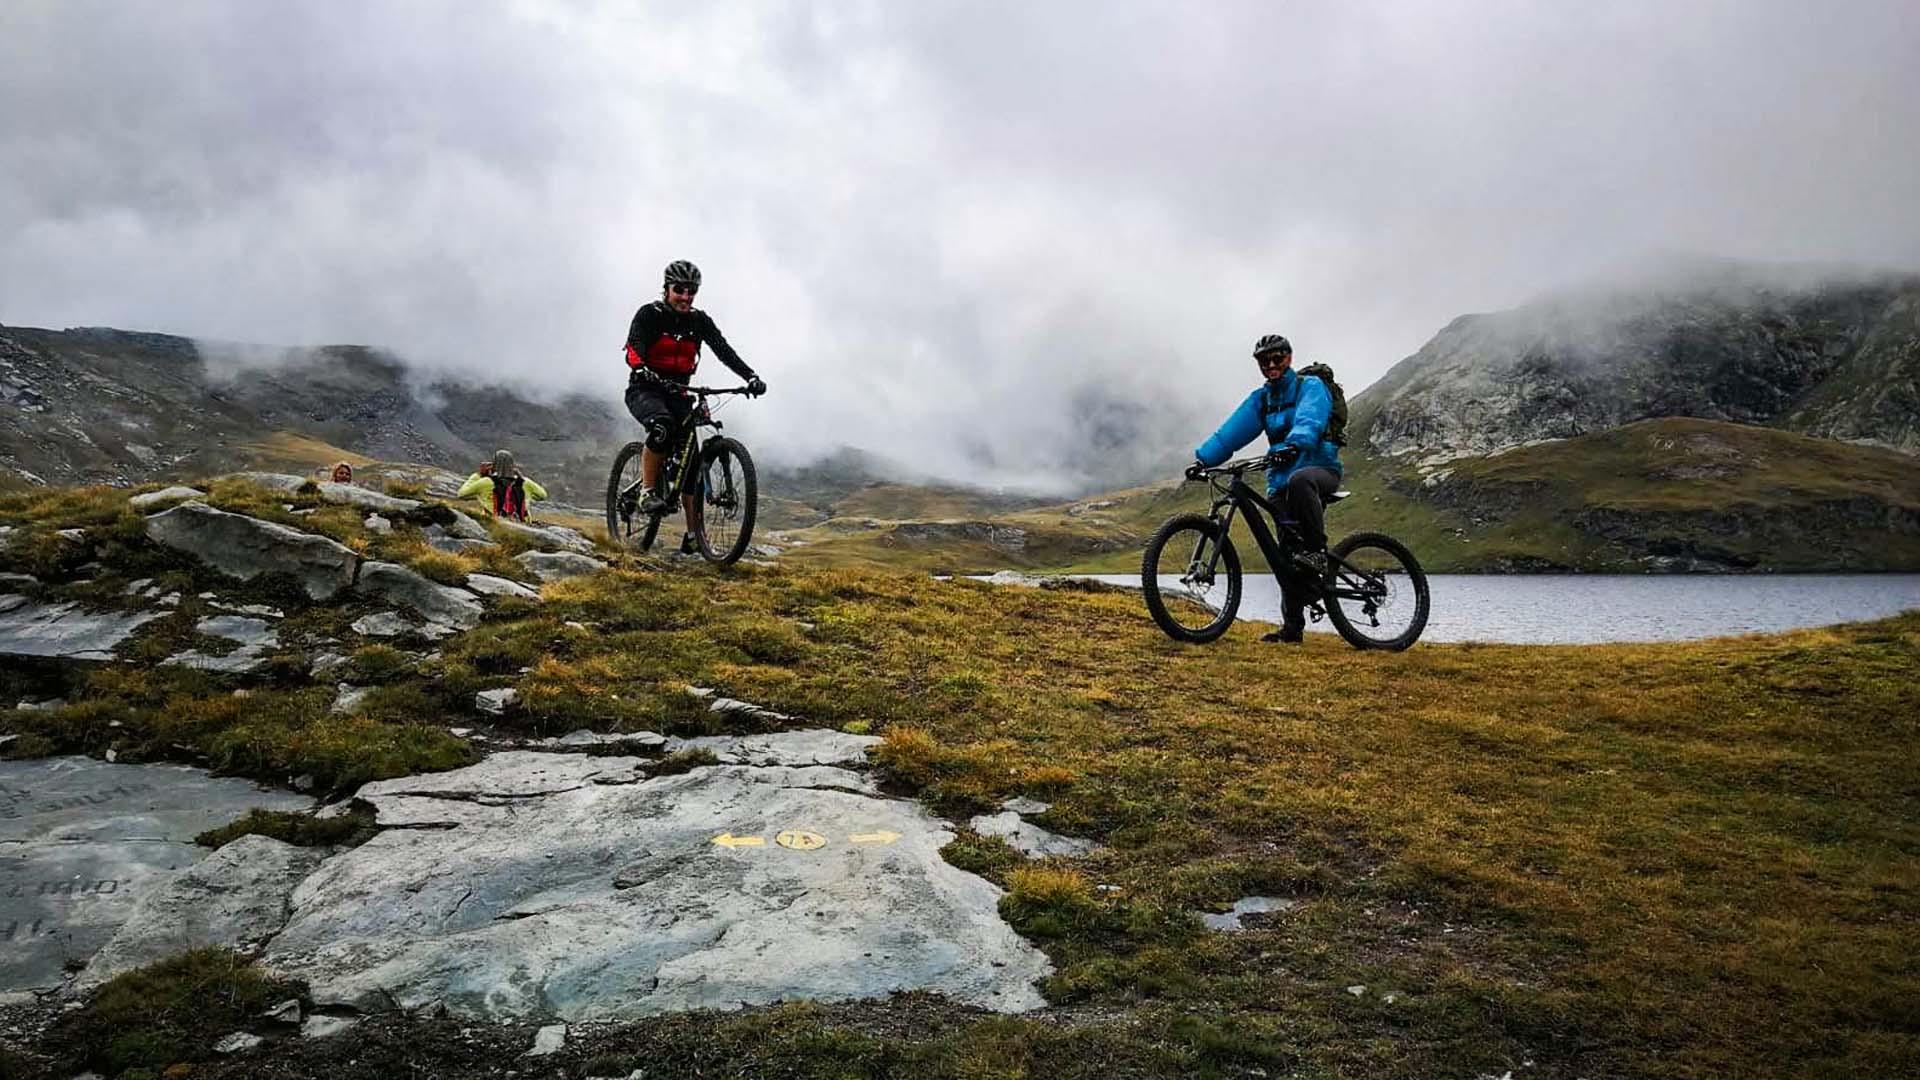 Itinerari fuori porta - Valle D'Aosta, itinerarium